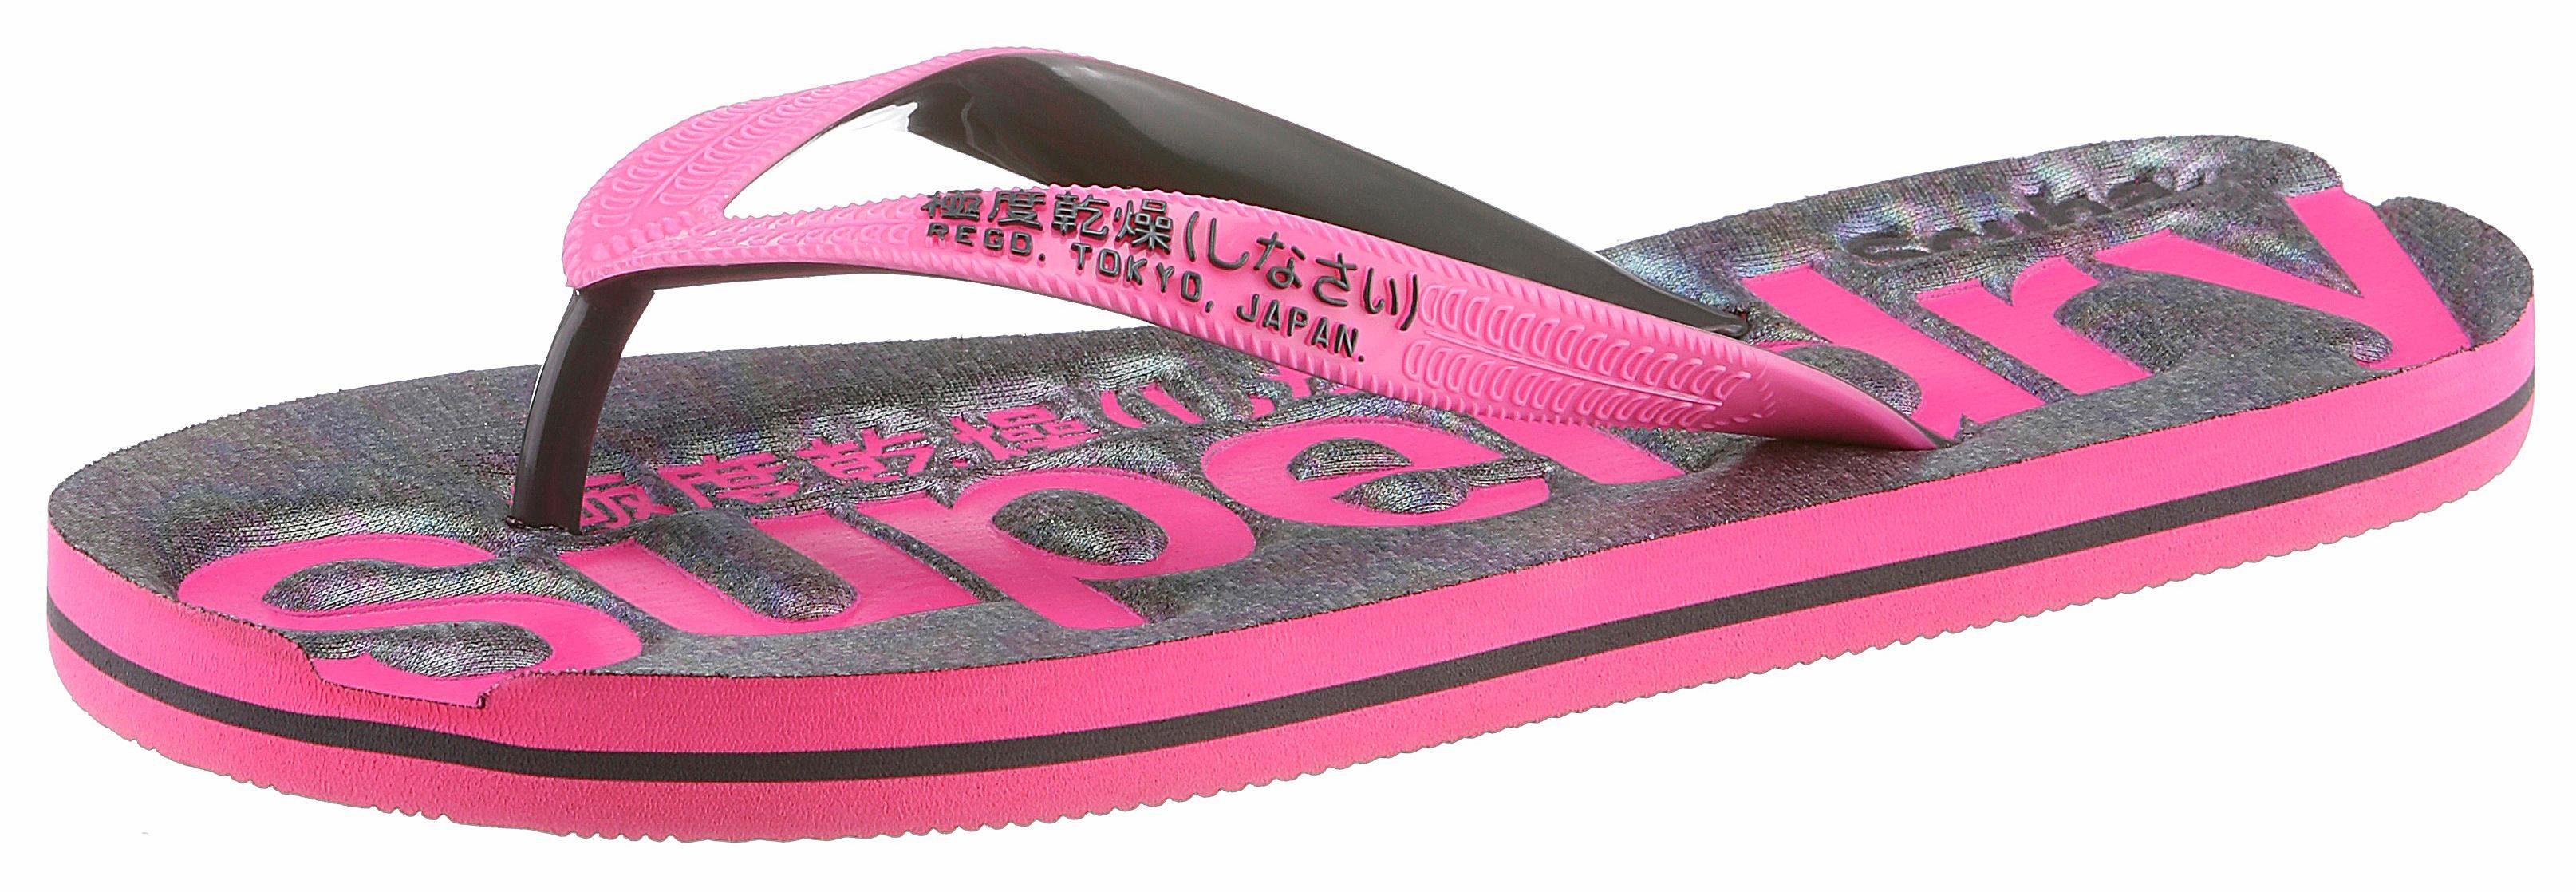 Superdry Zehentrenner, mit auffälligem Logodruck  grau-pink